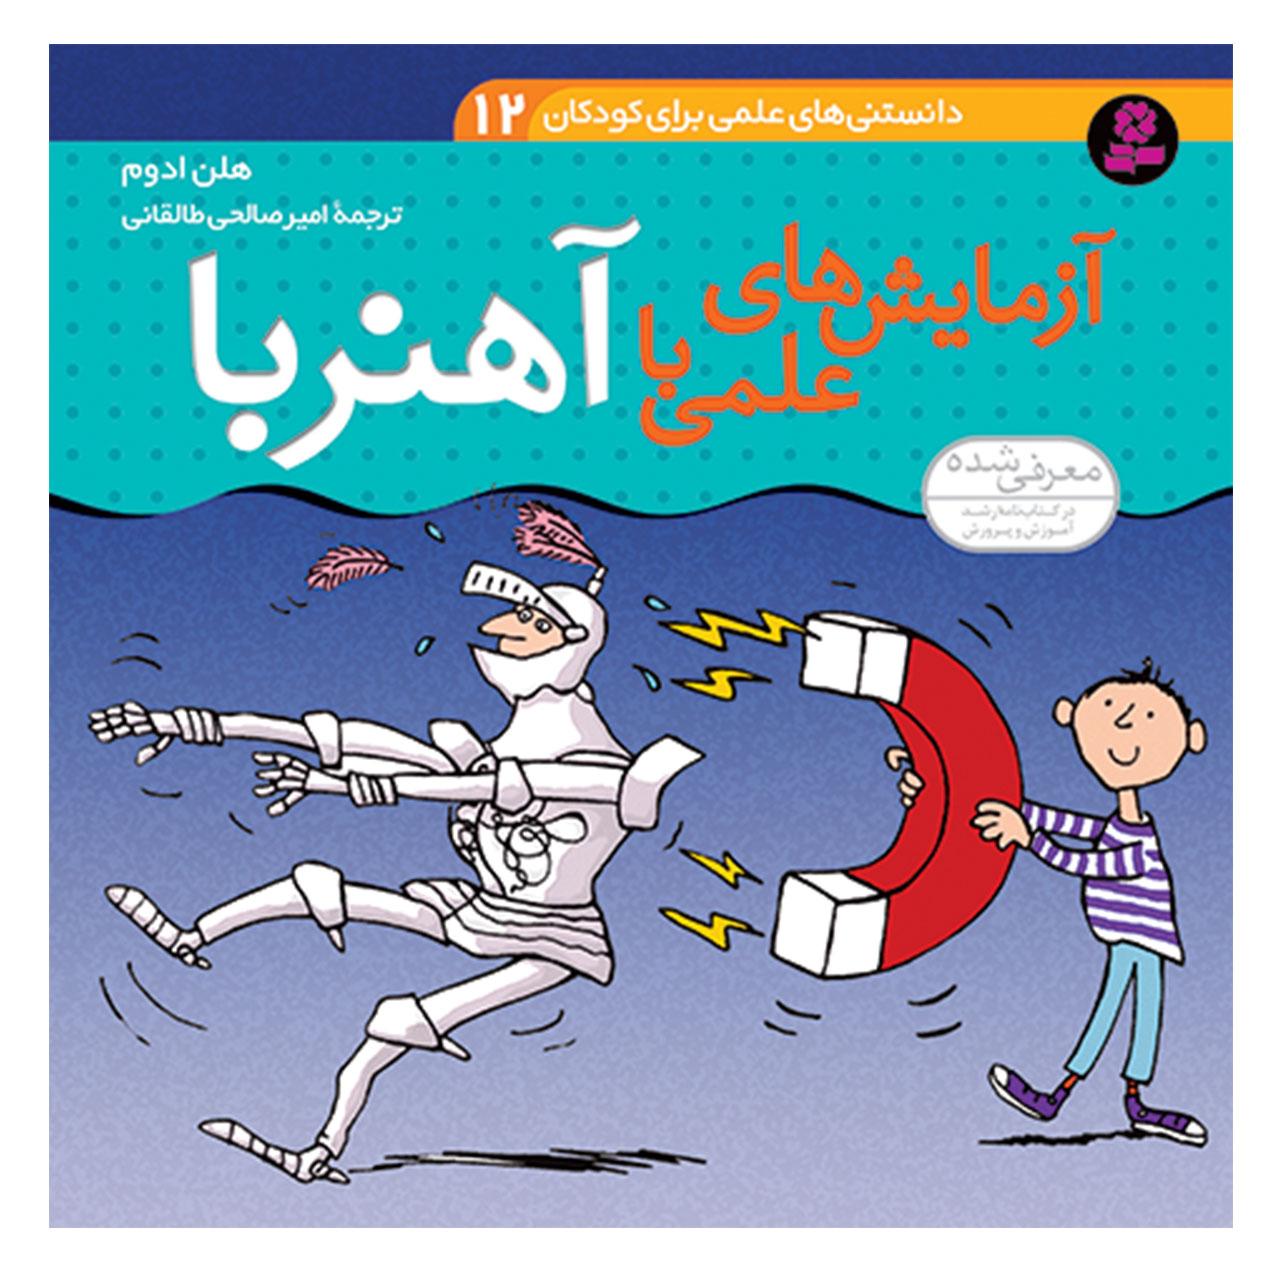 خرید                      کتاب دانستنی های علمی برای کودکان 12 آزمایش های علمی با آهنربا اثر هلن ادوم انتشارات قدیانی